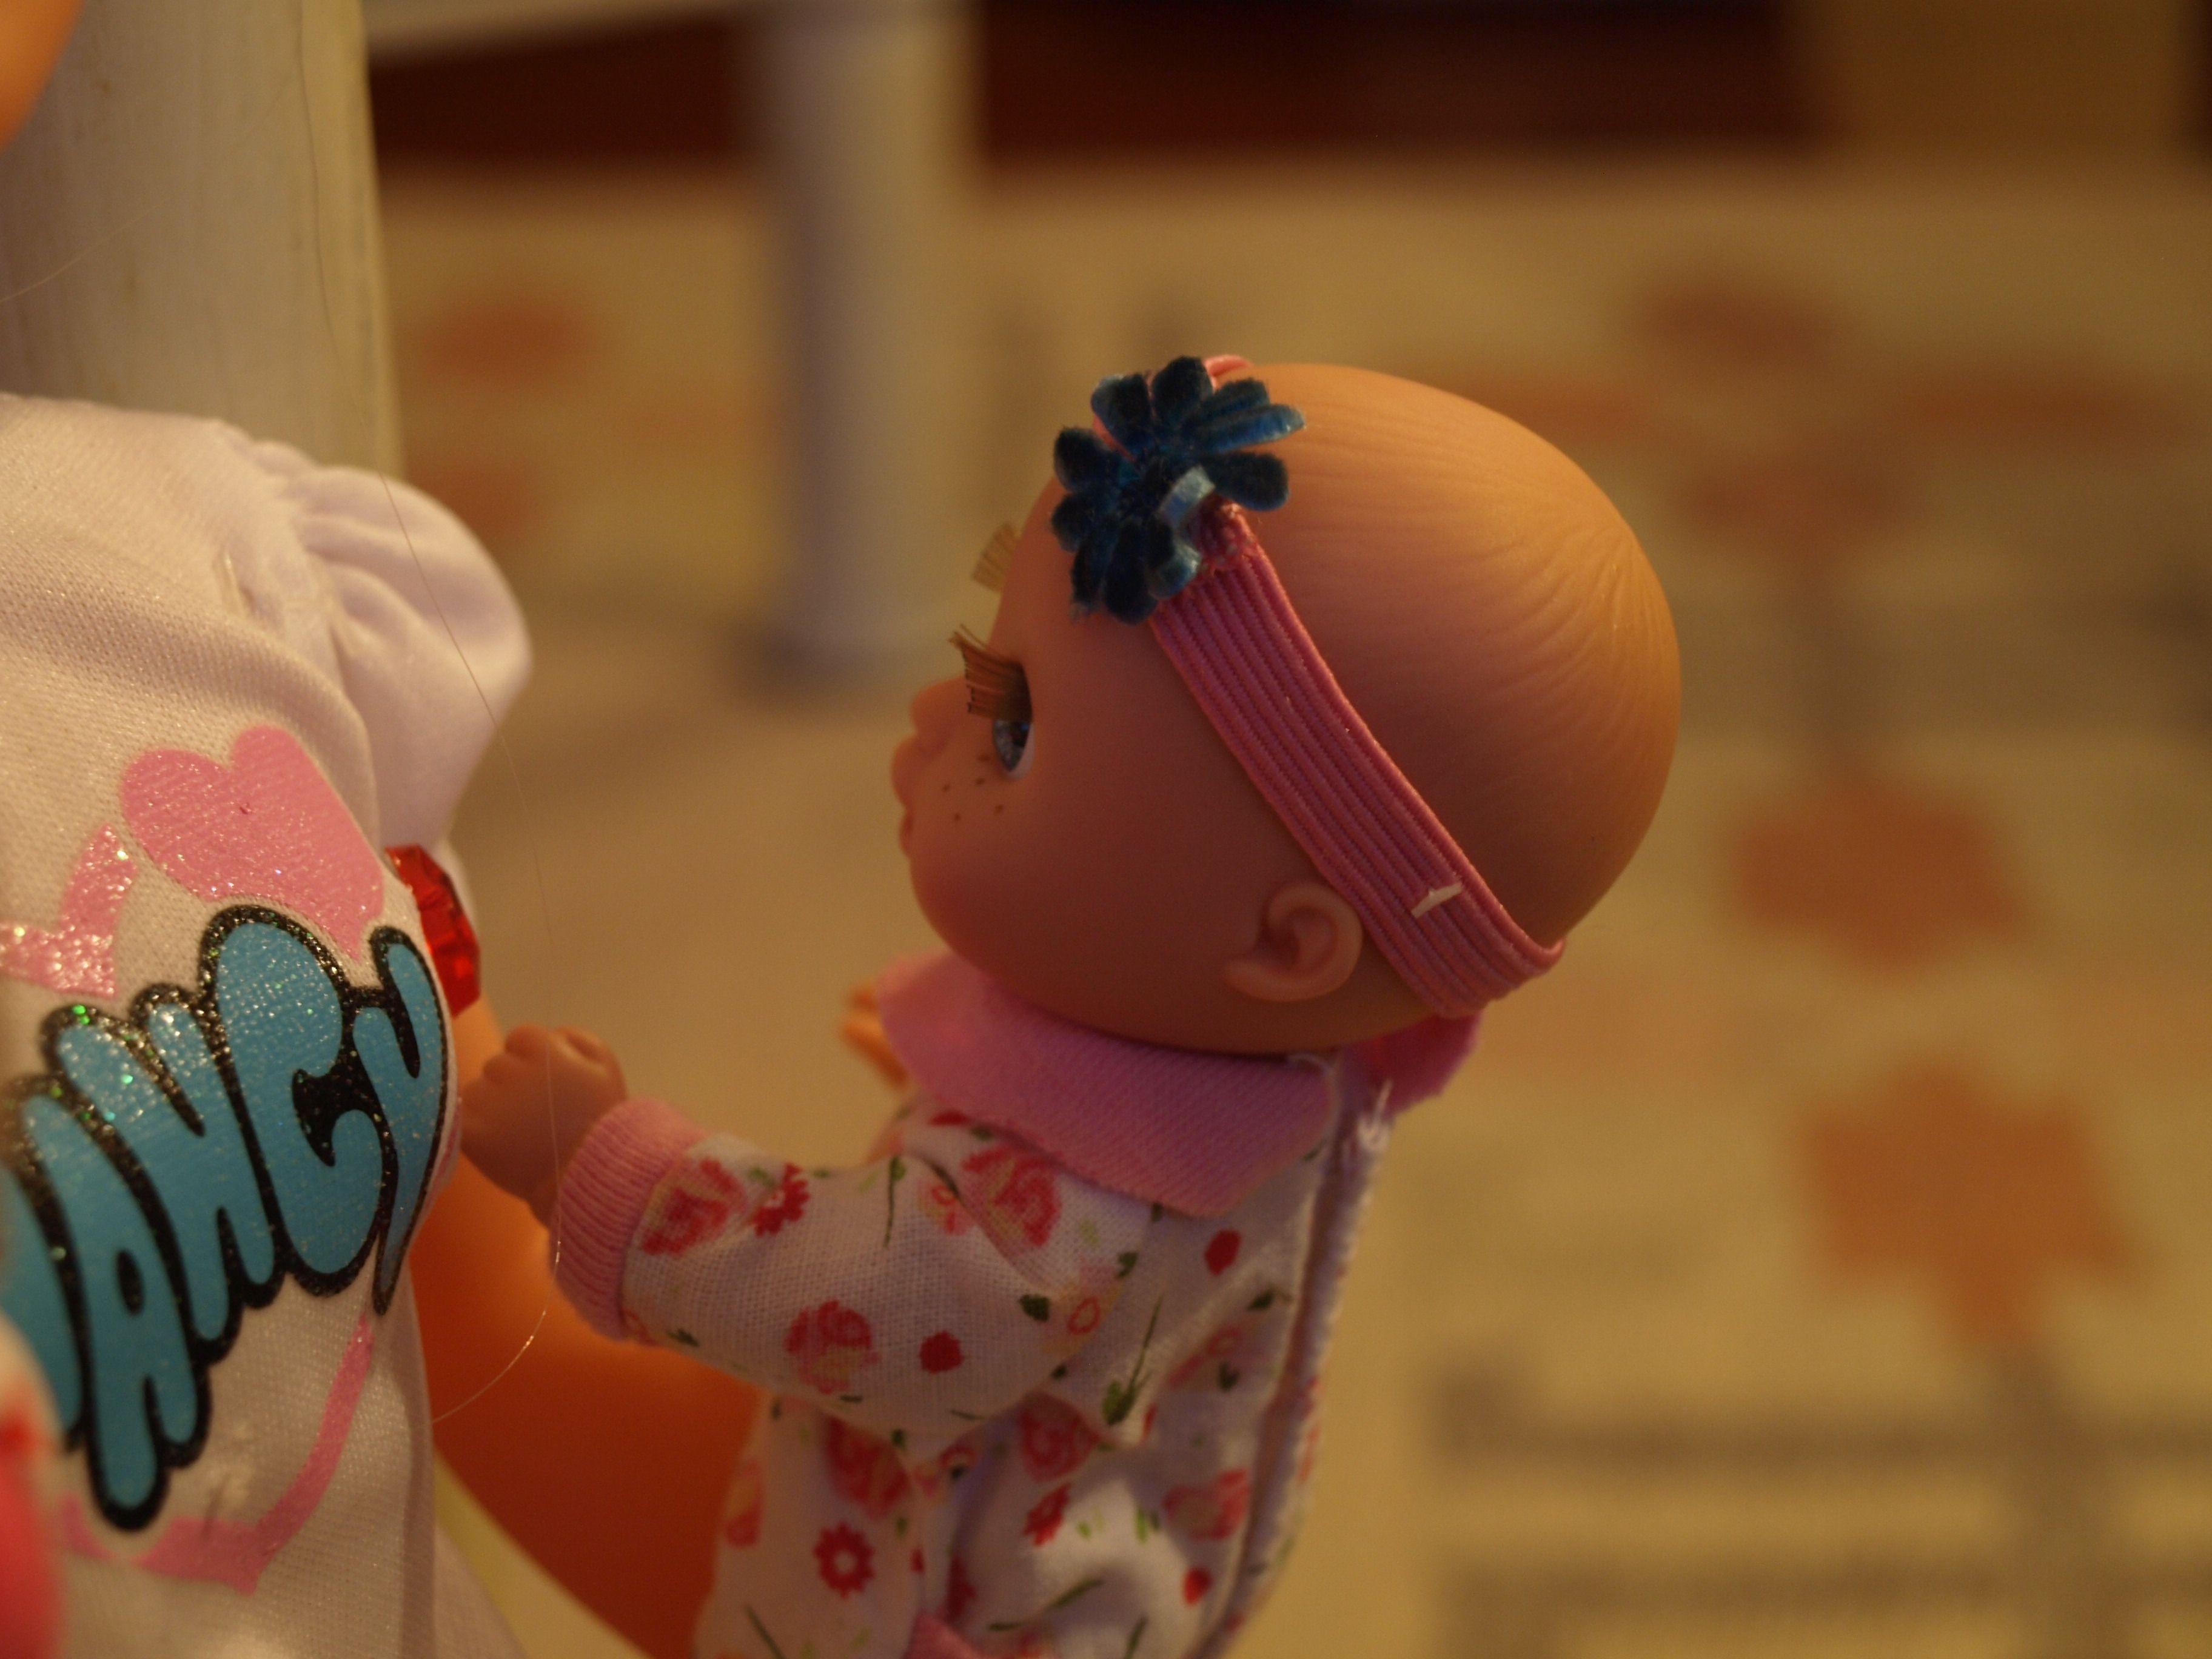 Tarde de juegos en casa. #Nancy #dolls #muñecas #poupées #juguetes #toys #bonecas #bambole